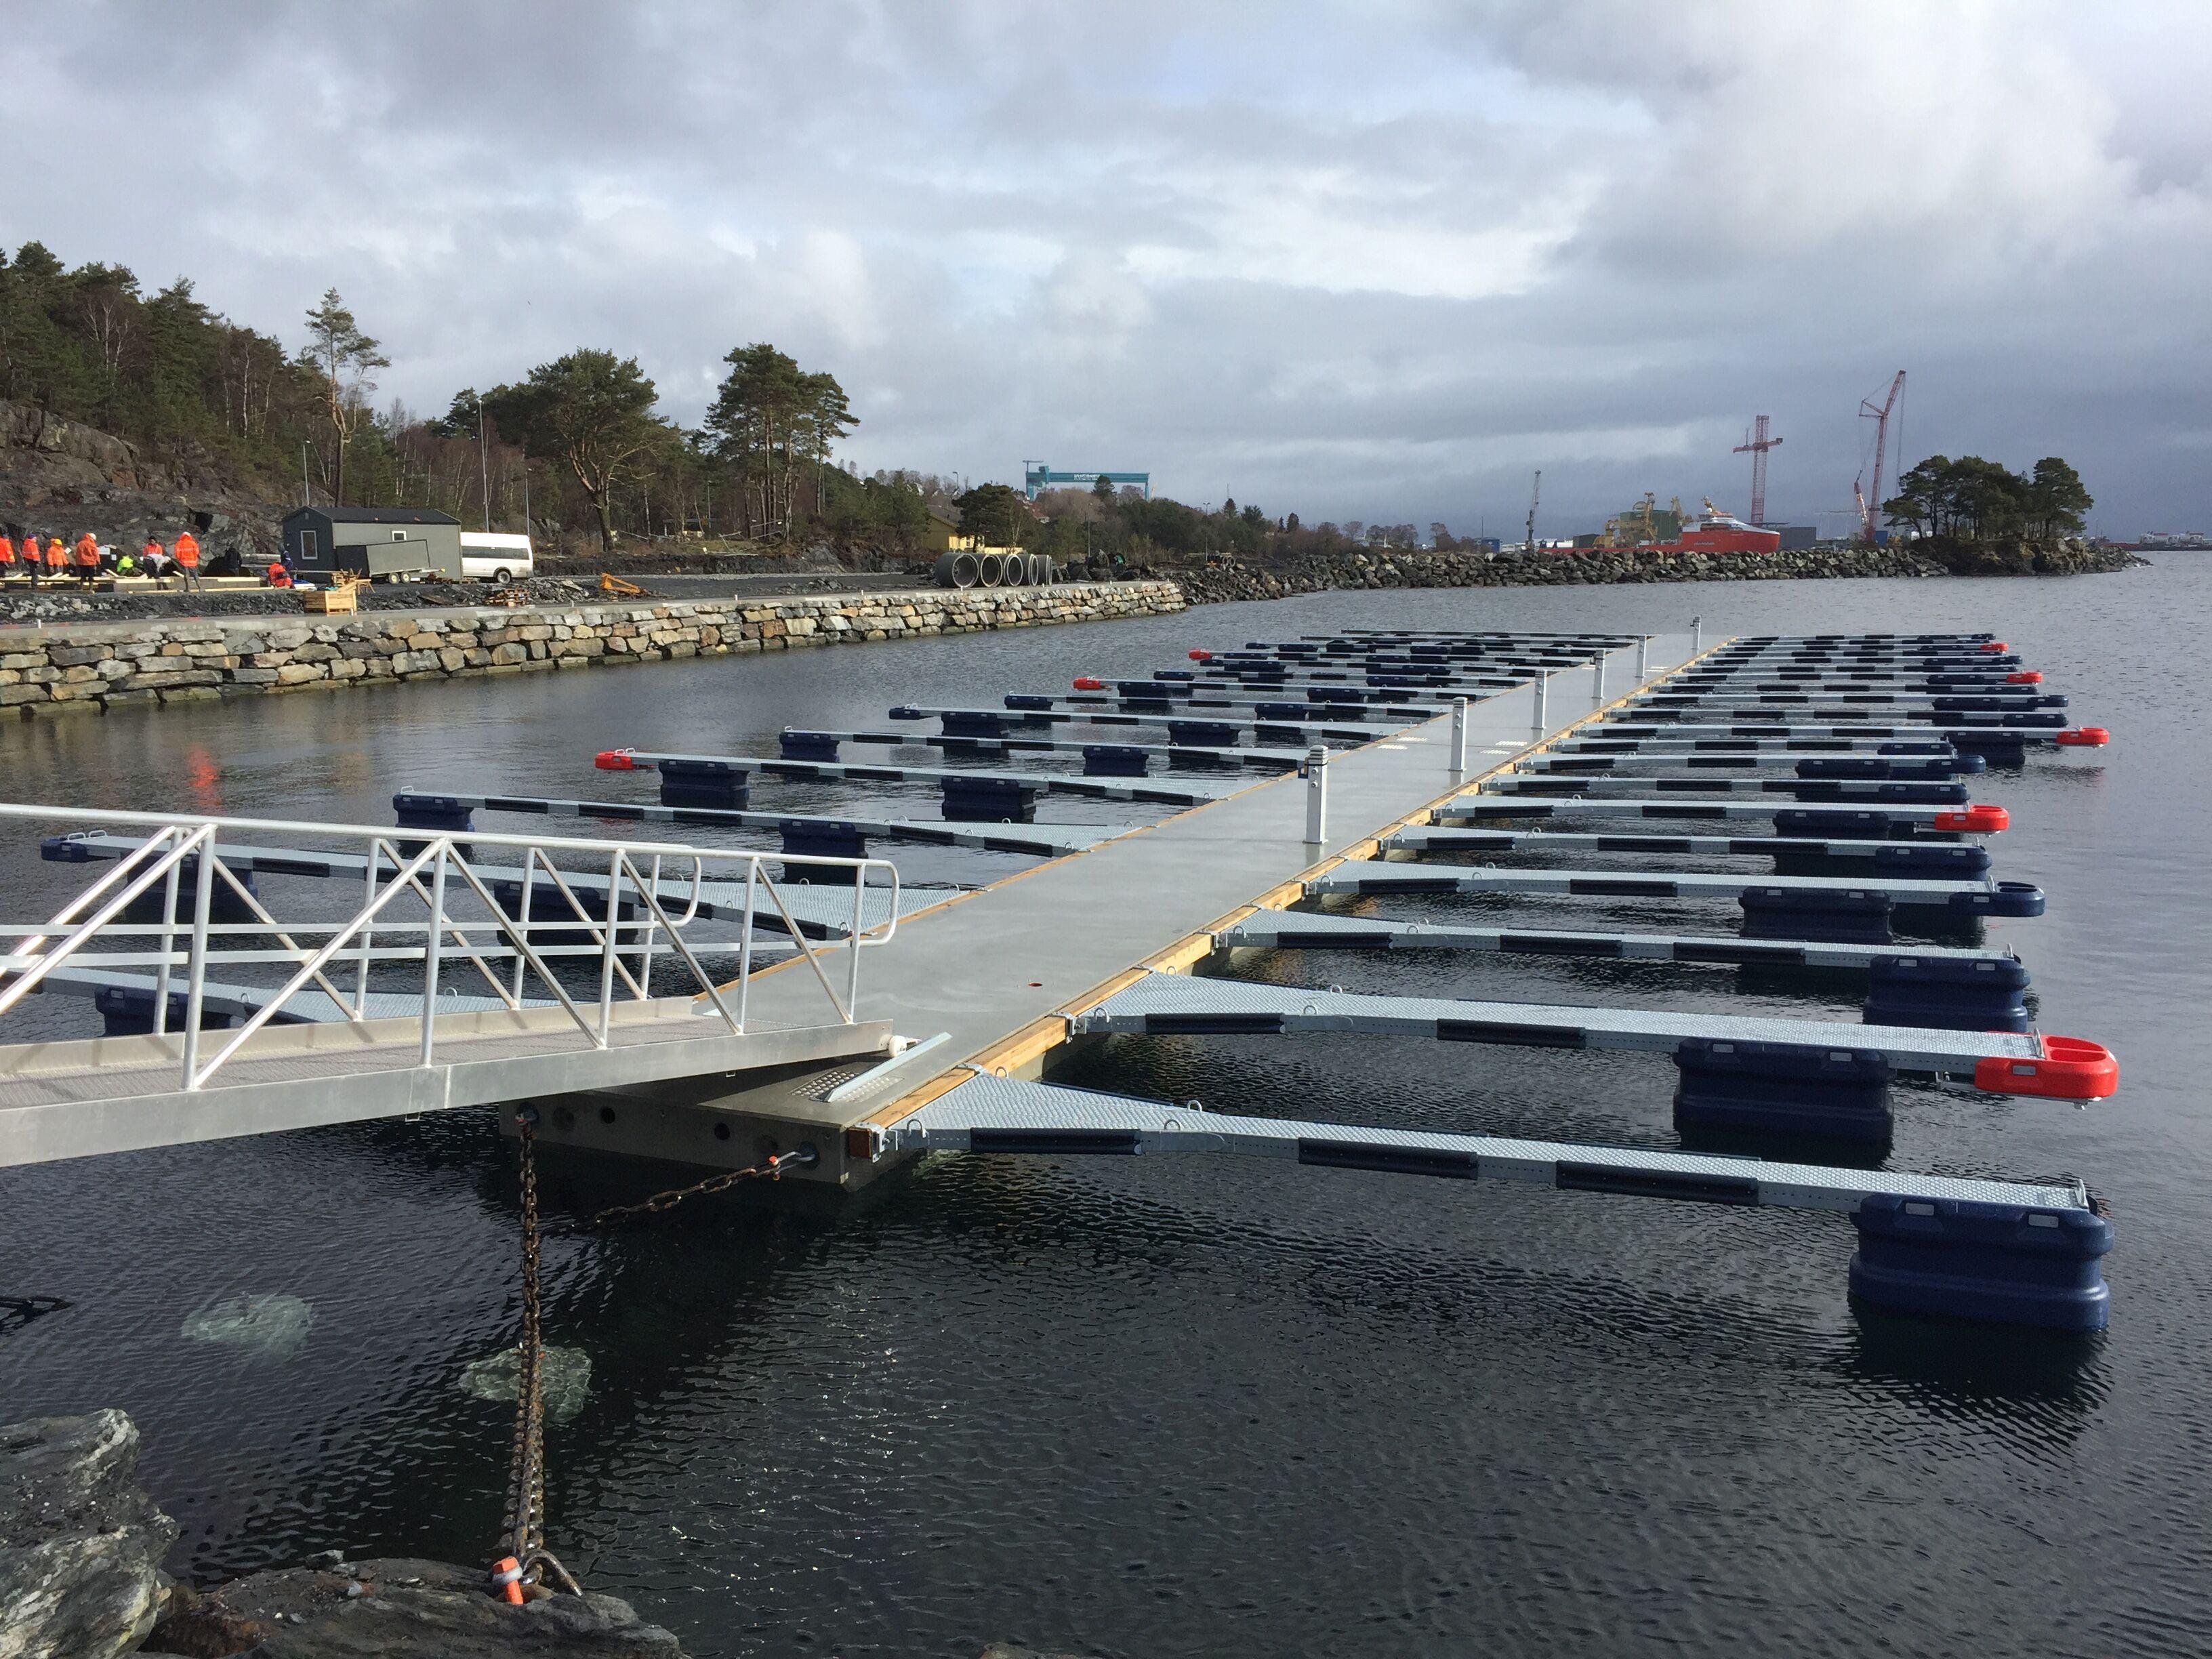 https://marinasolutions.no/uploads/Skjersholmane-Marina-Solutions-3.jpg